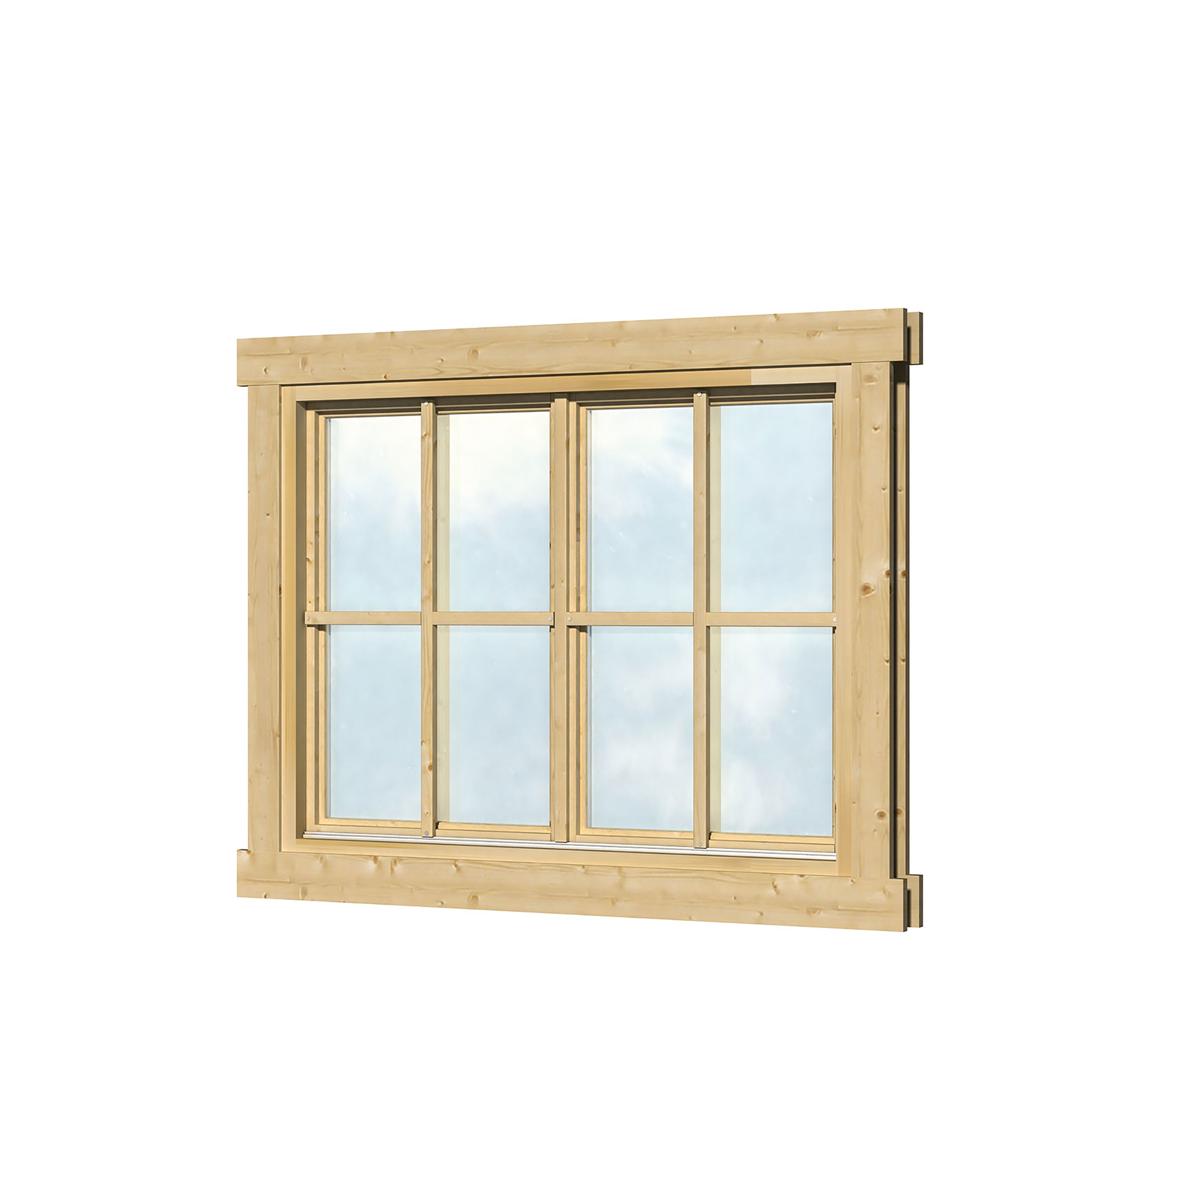 Houten kozijn met draai kiep raam dubbel glas 120x92 cm - X houten ...